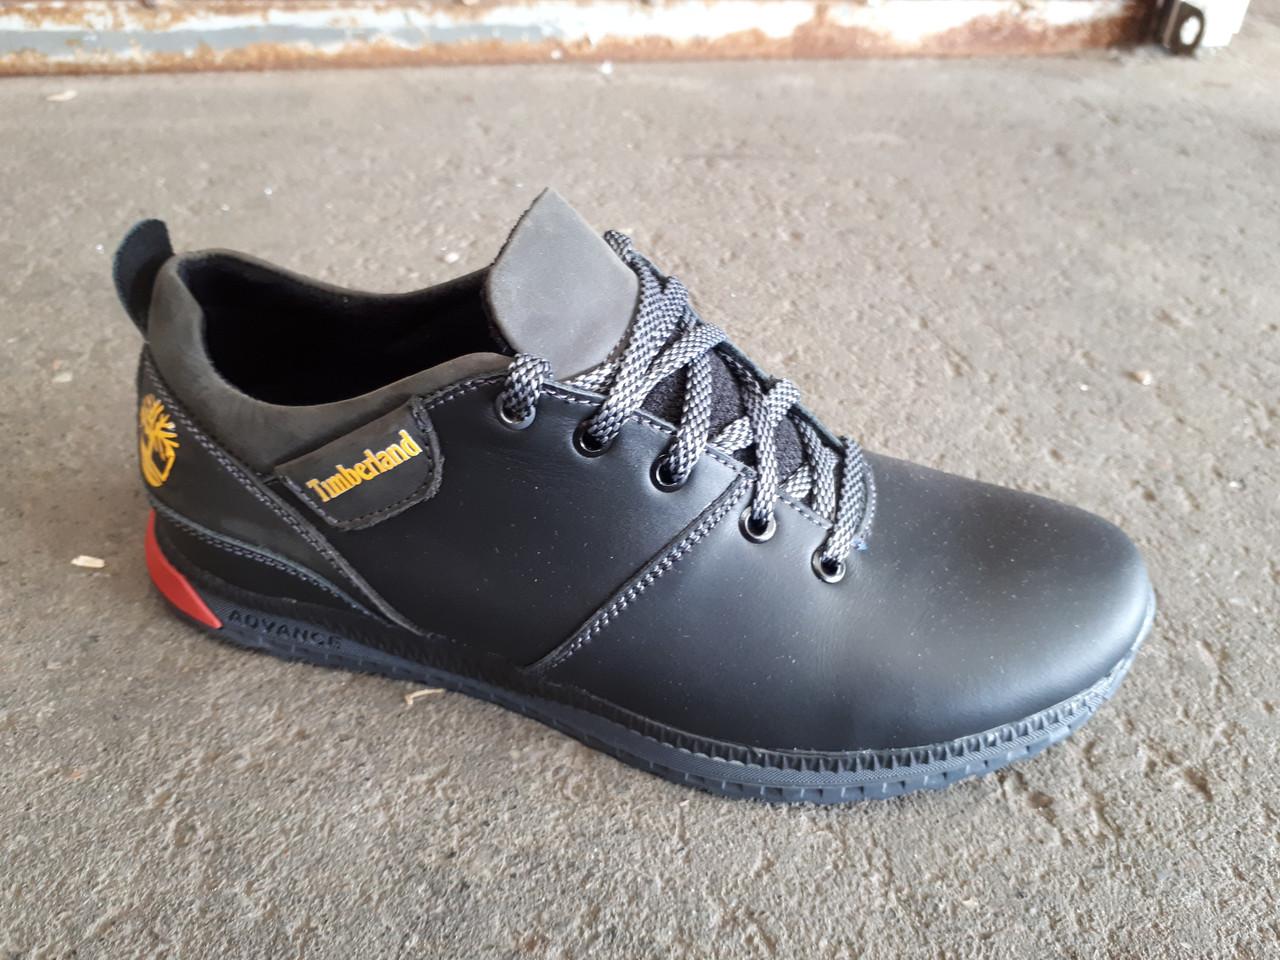 b1d5fdc94817eb Подростковые кожаные кроссовки Timberland. Украина - Интернет-магазин